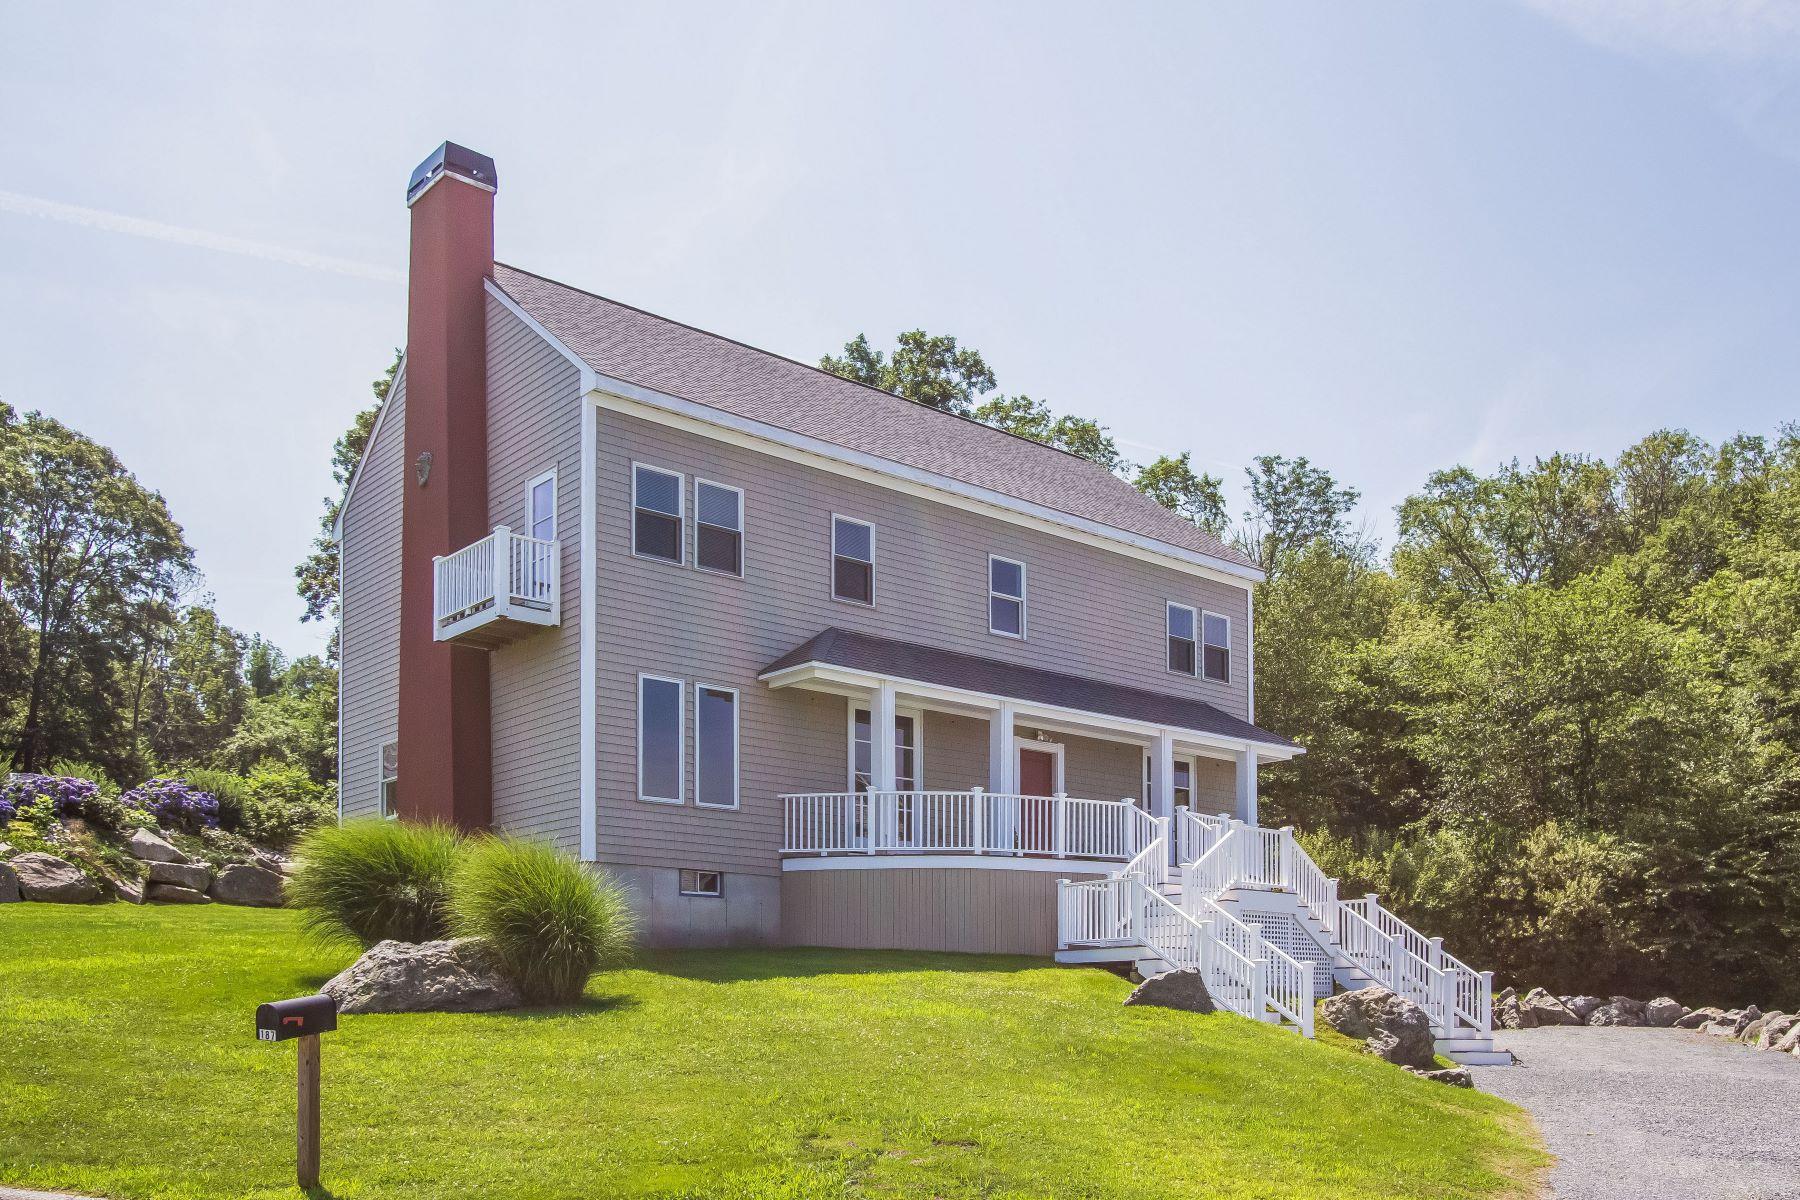 Μονοκατοικία για την Πώληση στο 'Waterside' 187 Horizon Drive, Tiverton, Ροουντ Αϊλαντ 02878 Ηνωμένες Πολιτείες